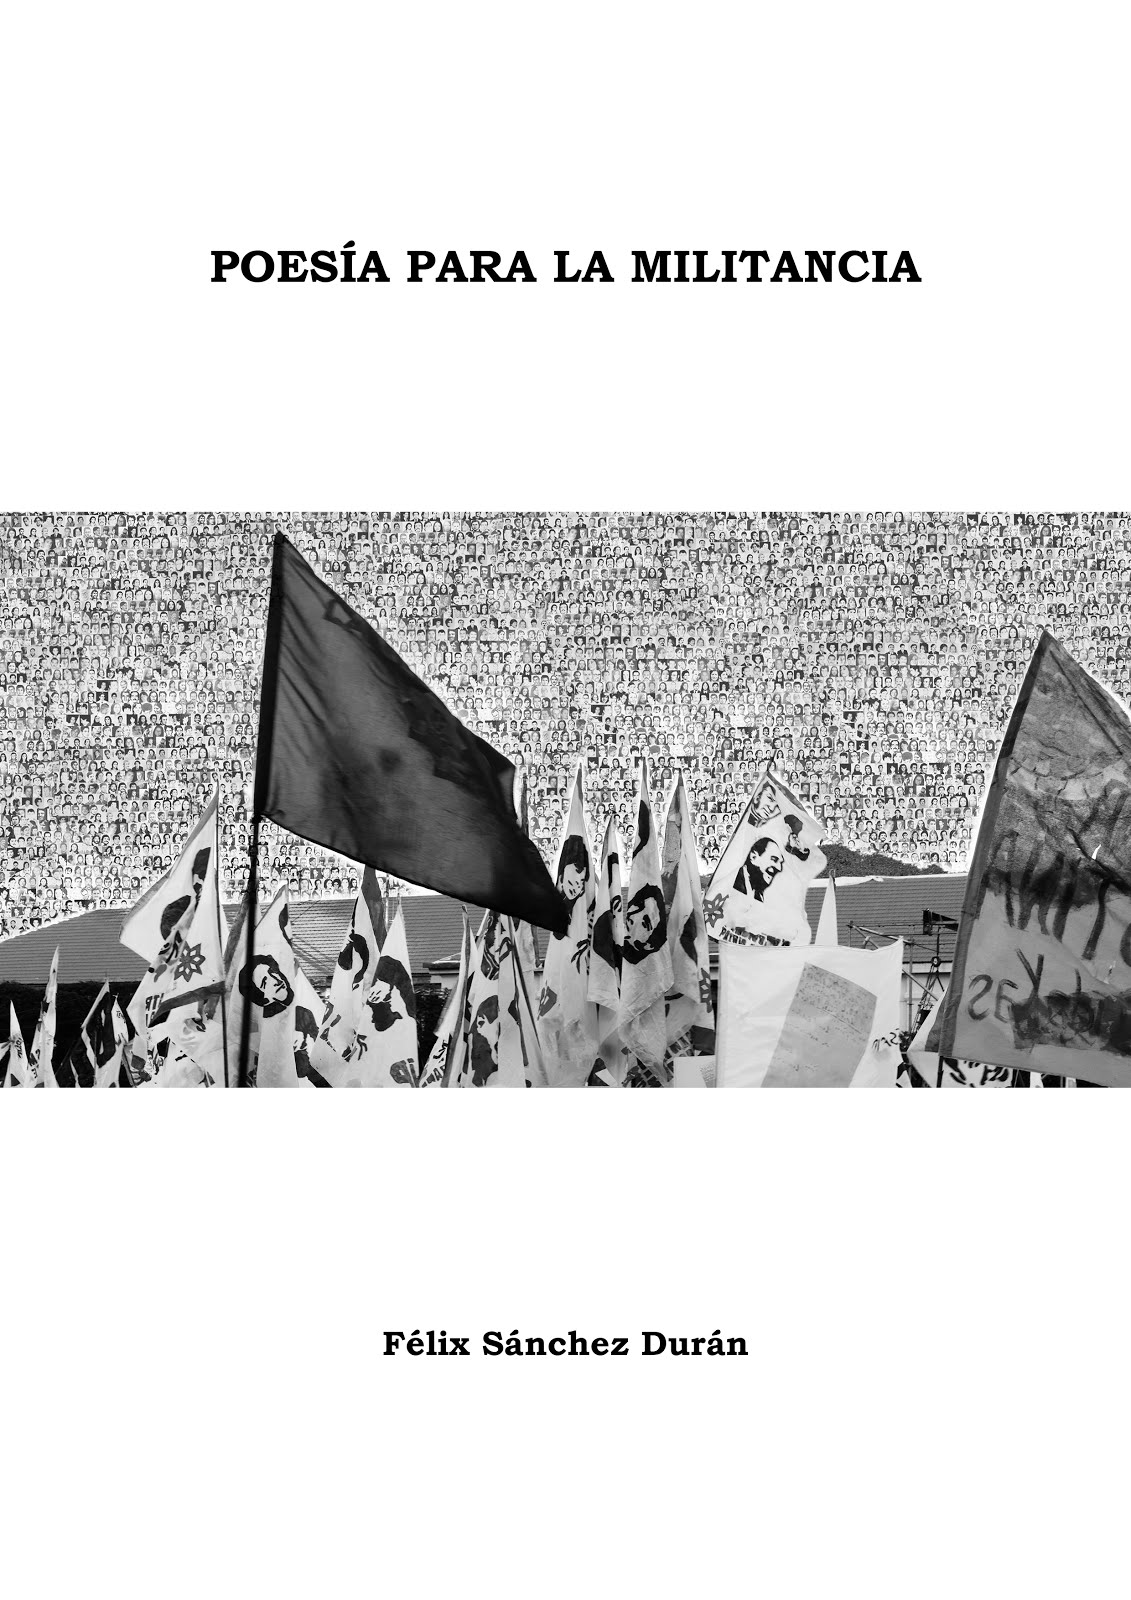 Poesía para la Militancia - Libro (epub), en Bubok...